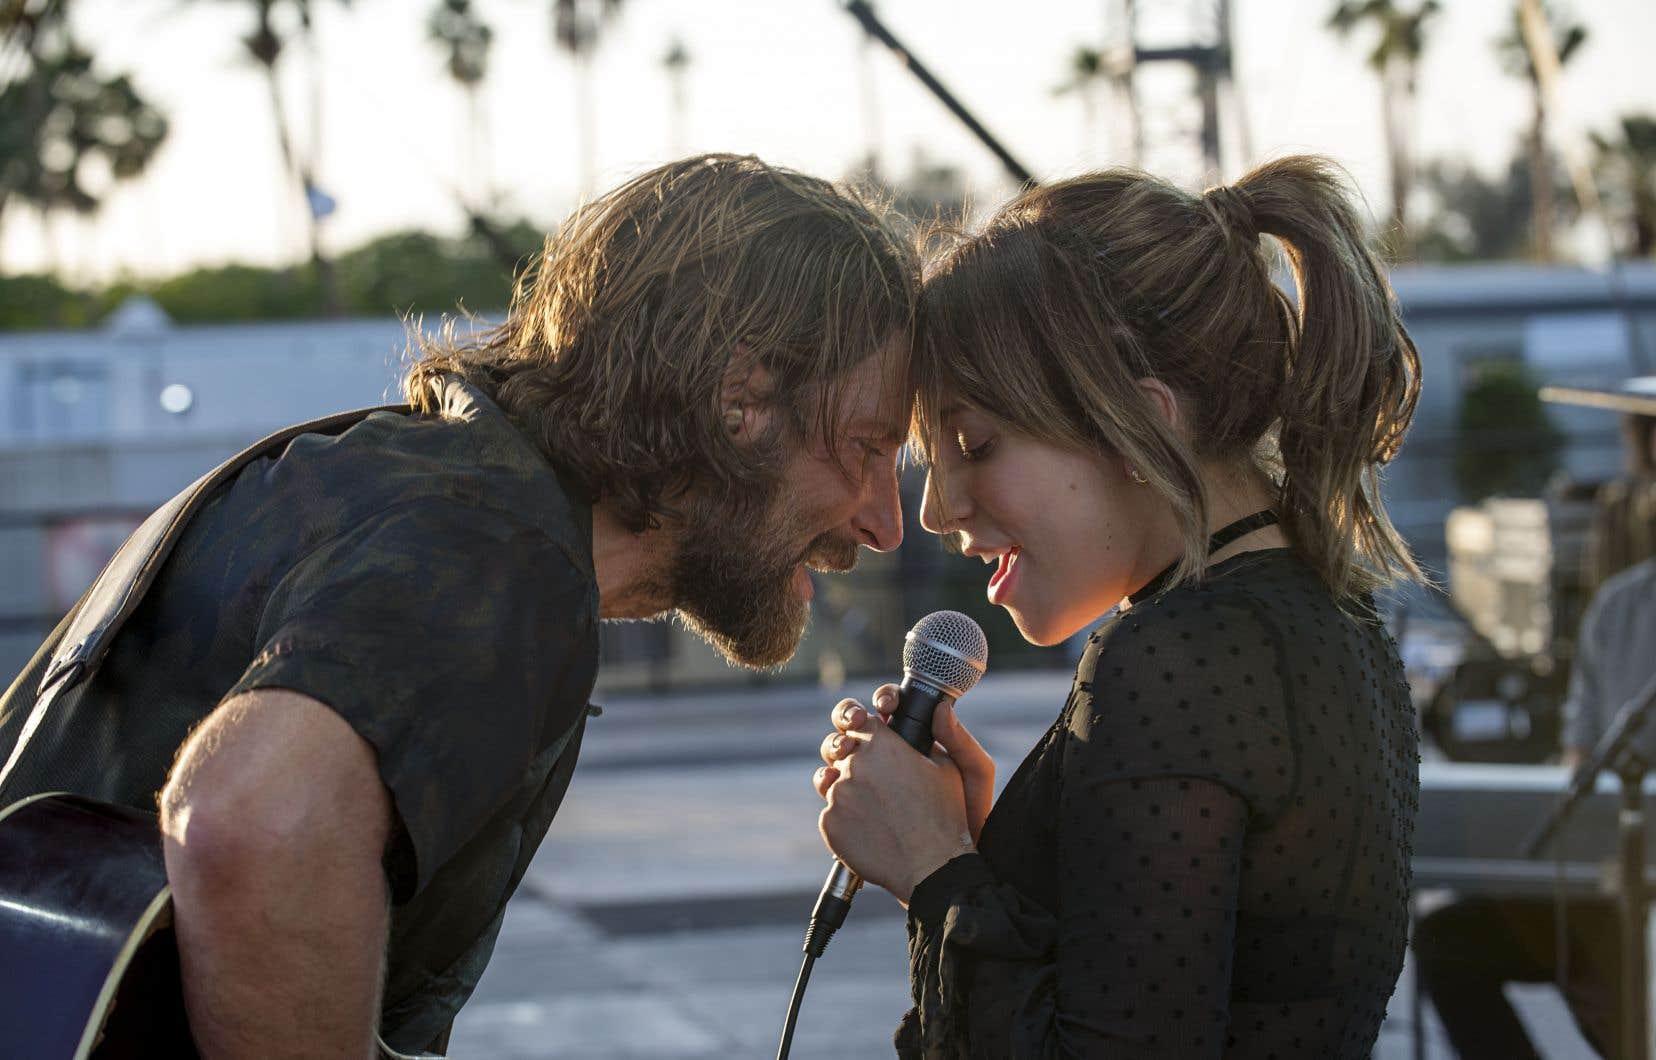 Lady Gaga, outre sa contribution vocale formidable, se glisse dans la peau d'Ally avec un naturel désarmant, aux antipodes du jeu plus «méthode» de son partenaire, l'acteur et ici réalisateur aussi, Bradley Cooper. En idole sur le déclin, il est aussi investi que crédible.